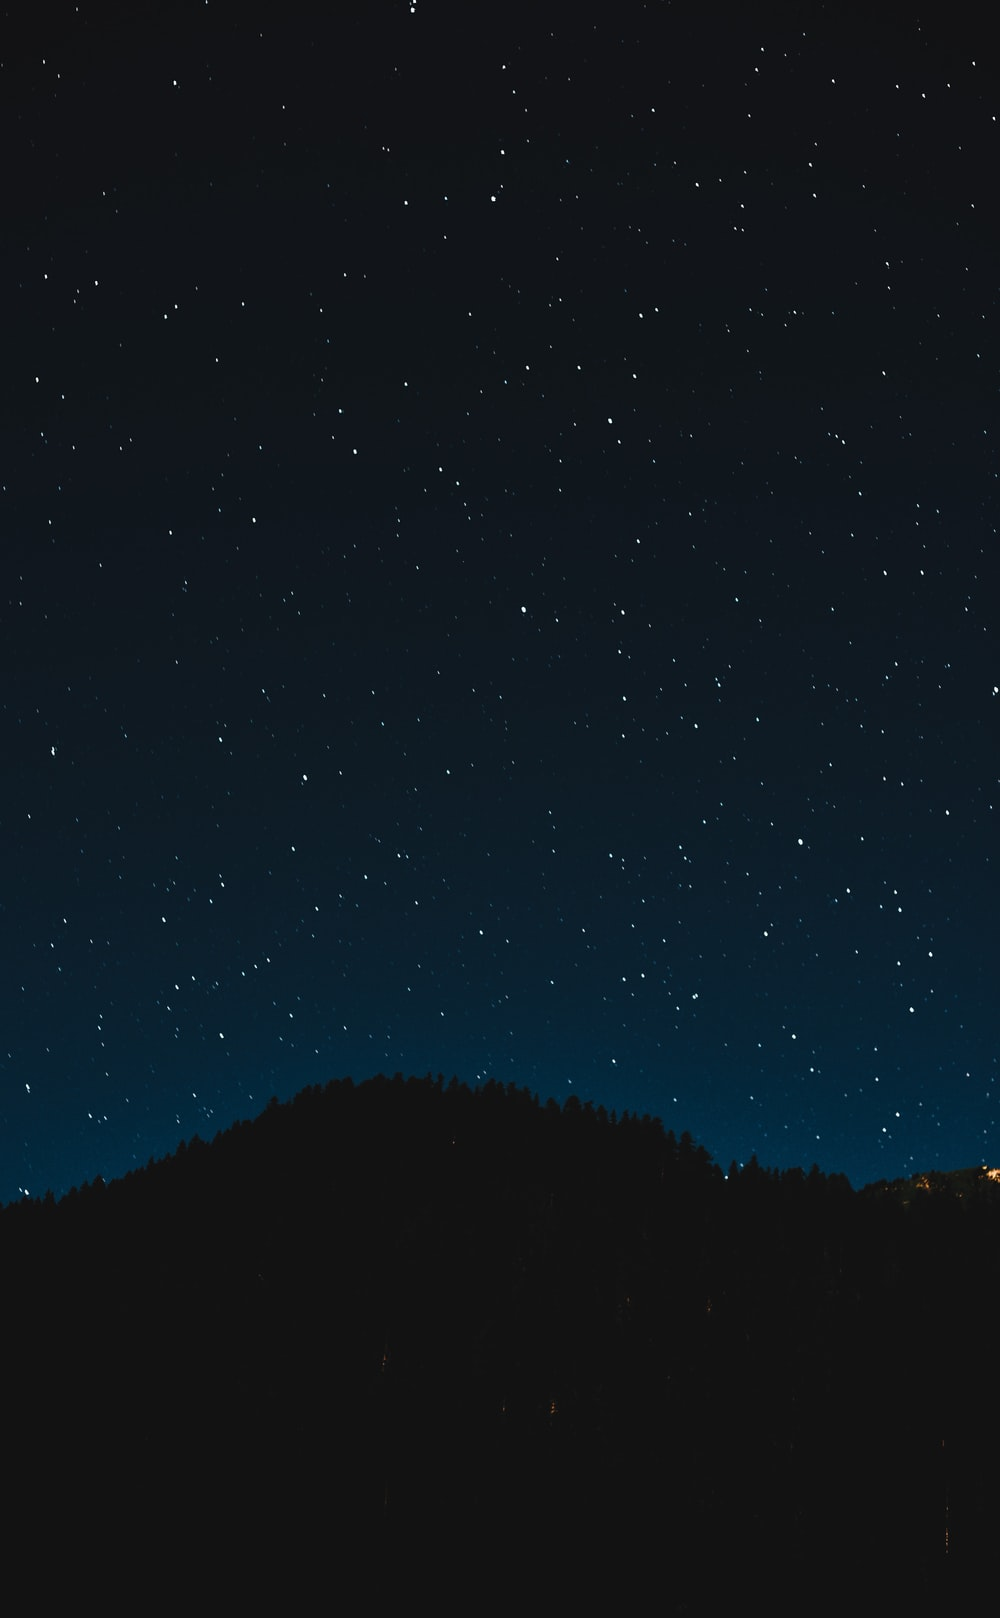 Night Sky Wallpapers Free Hd Download 500 Hq Unsplash